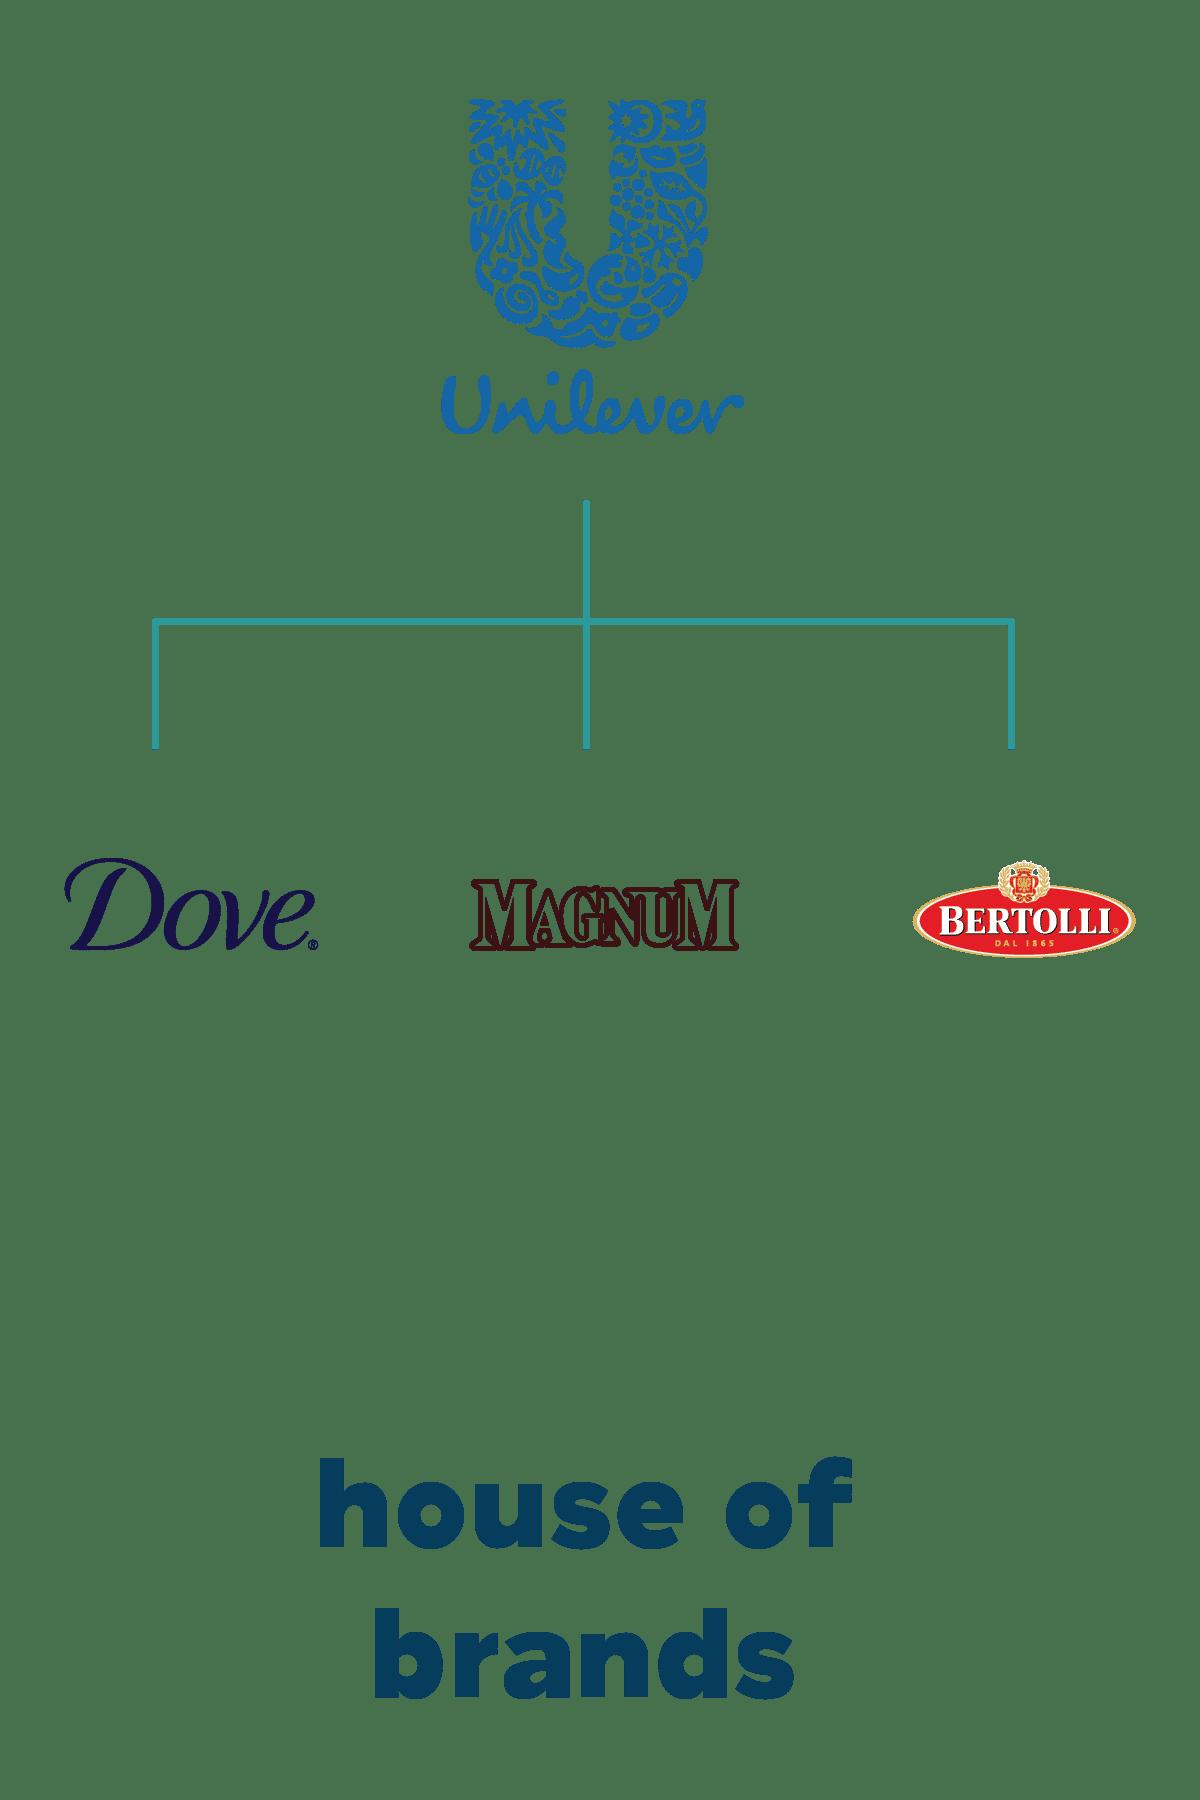 voorbeeld house of brands unilever